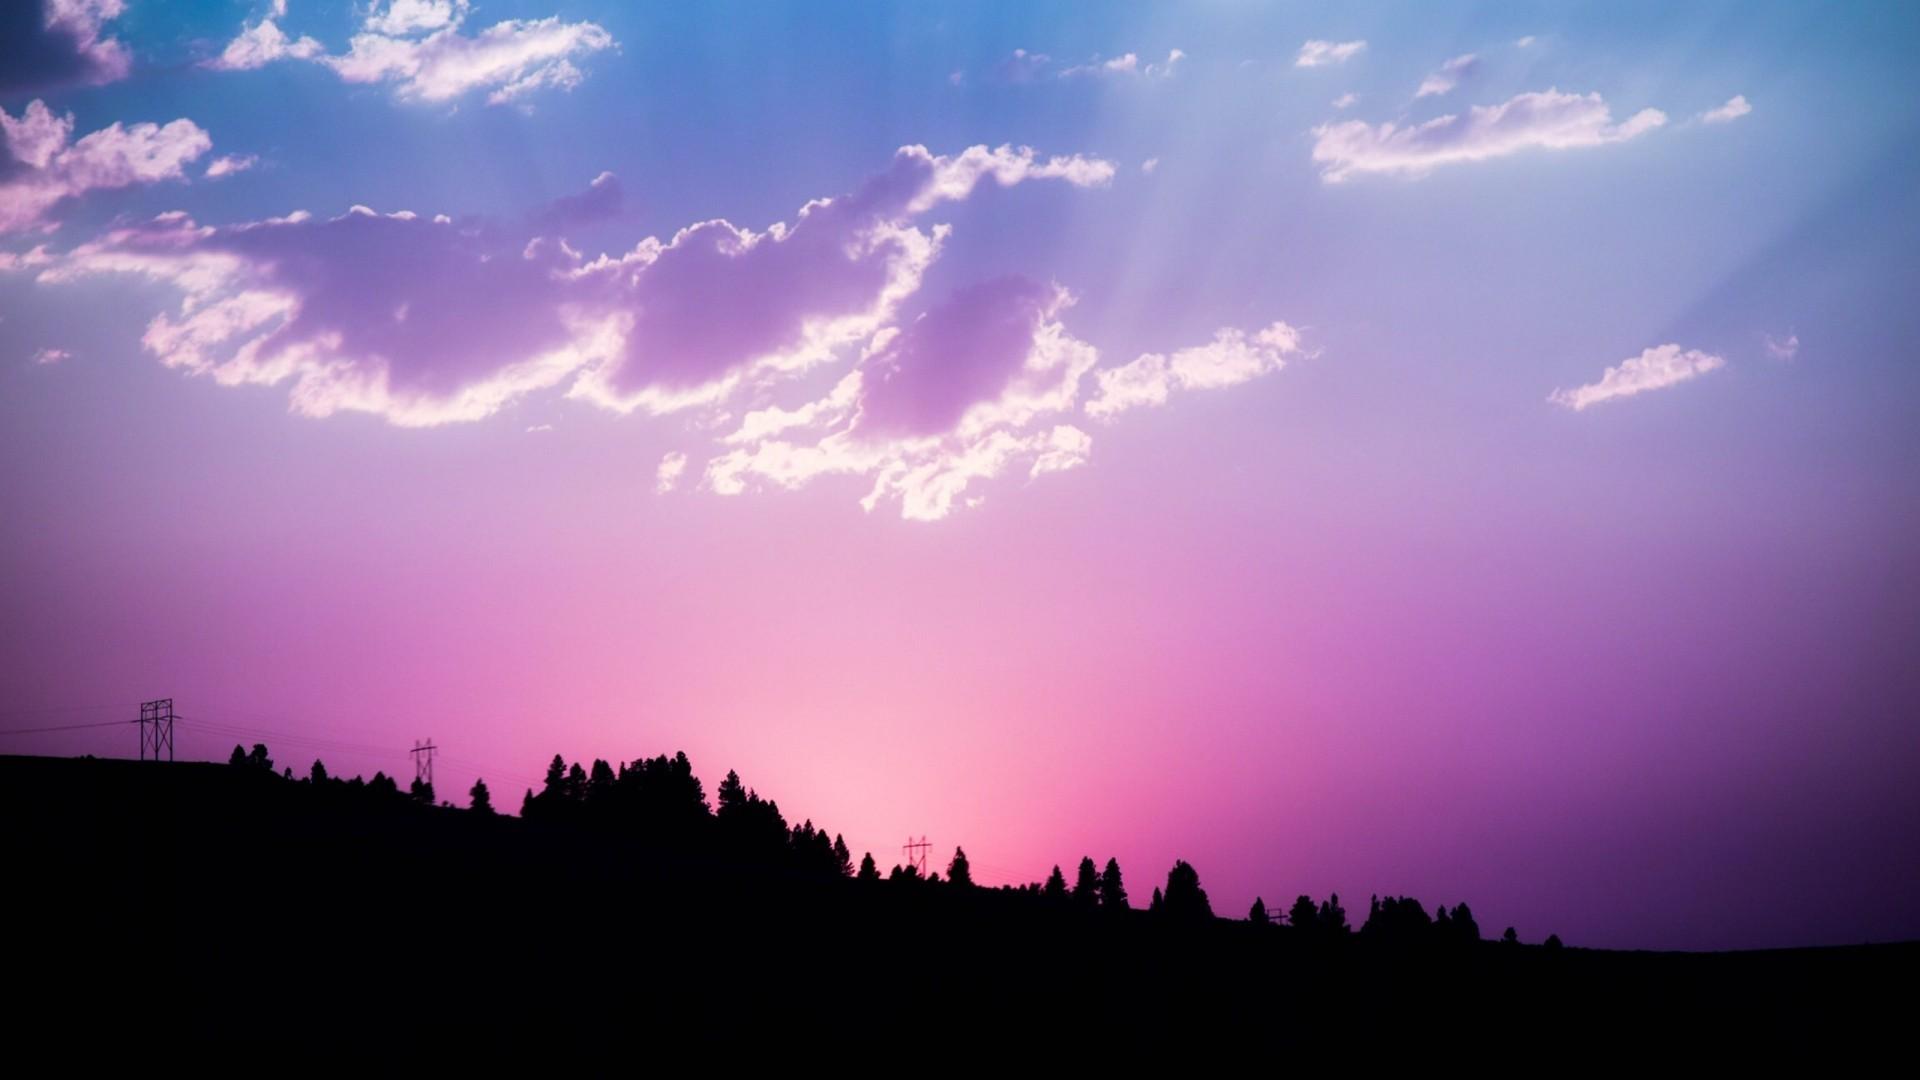 Pink Sunset Free Wallpaper